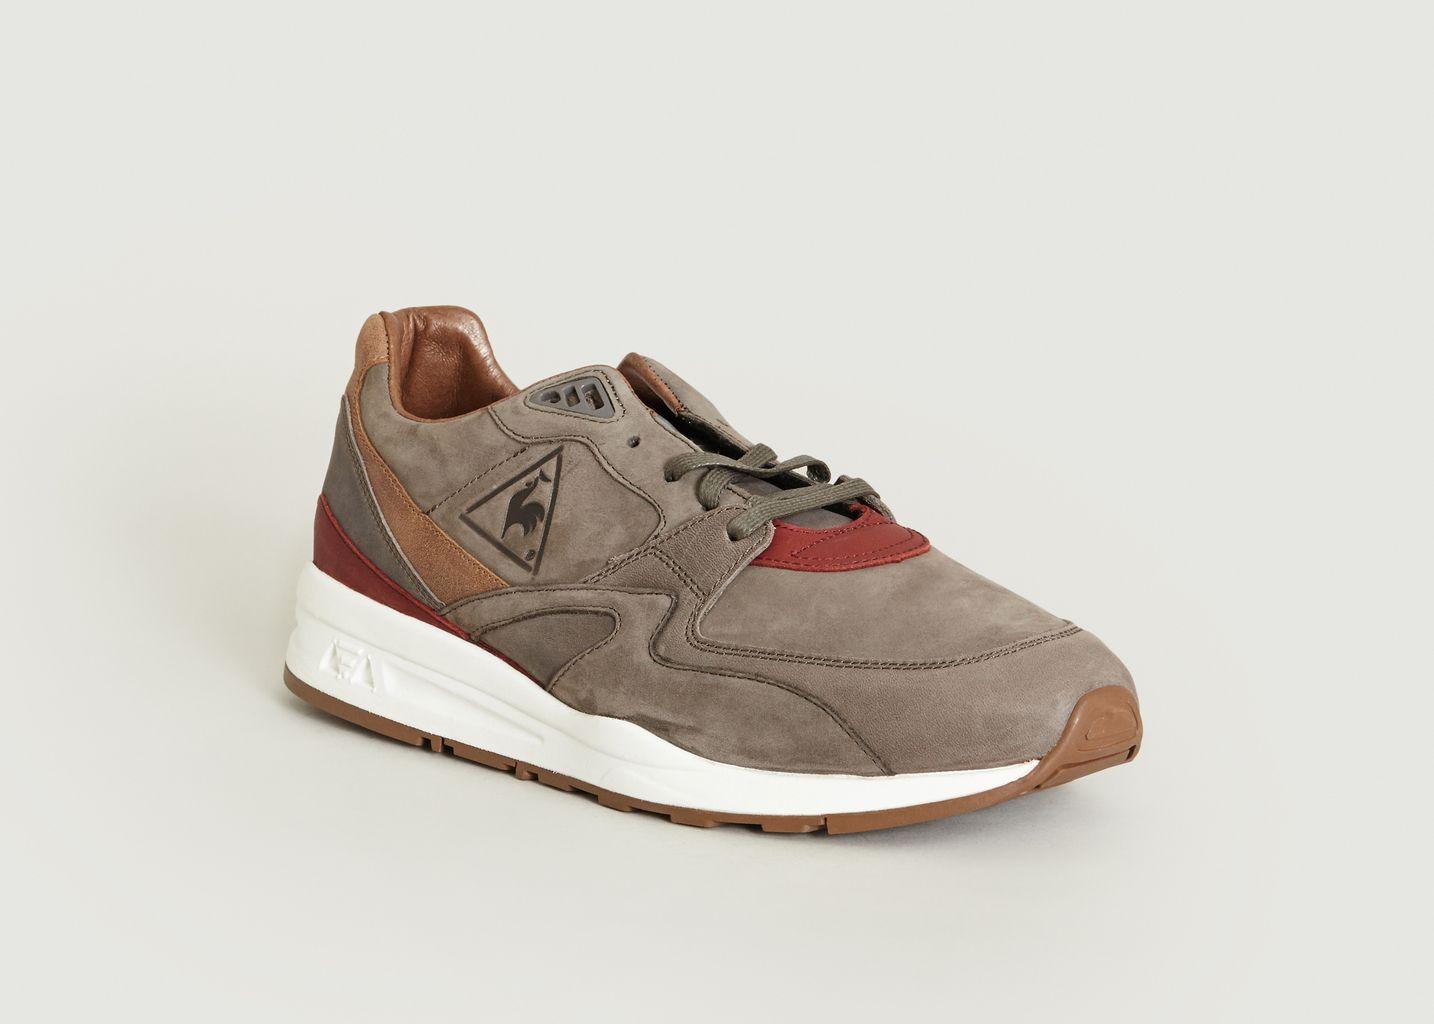 Lcs Sneakers R8000 Sportif 40 L'exception À Coq Le Soldes Havane n5RnZa